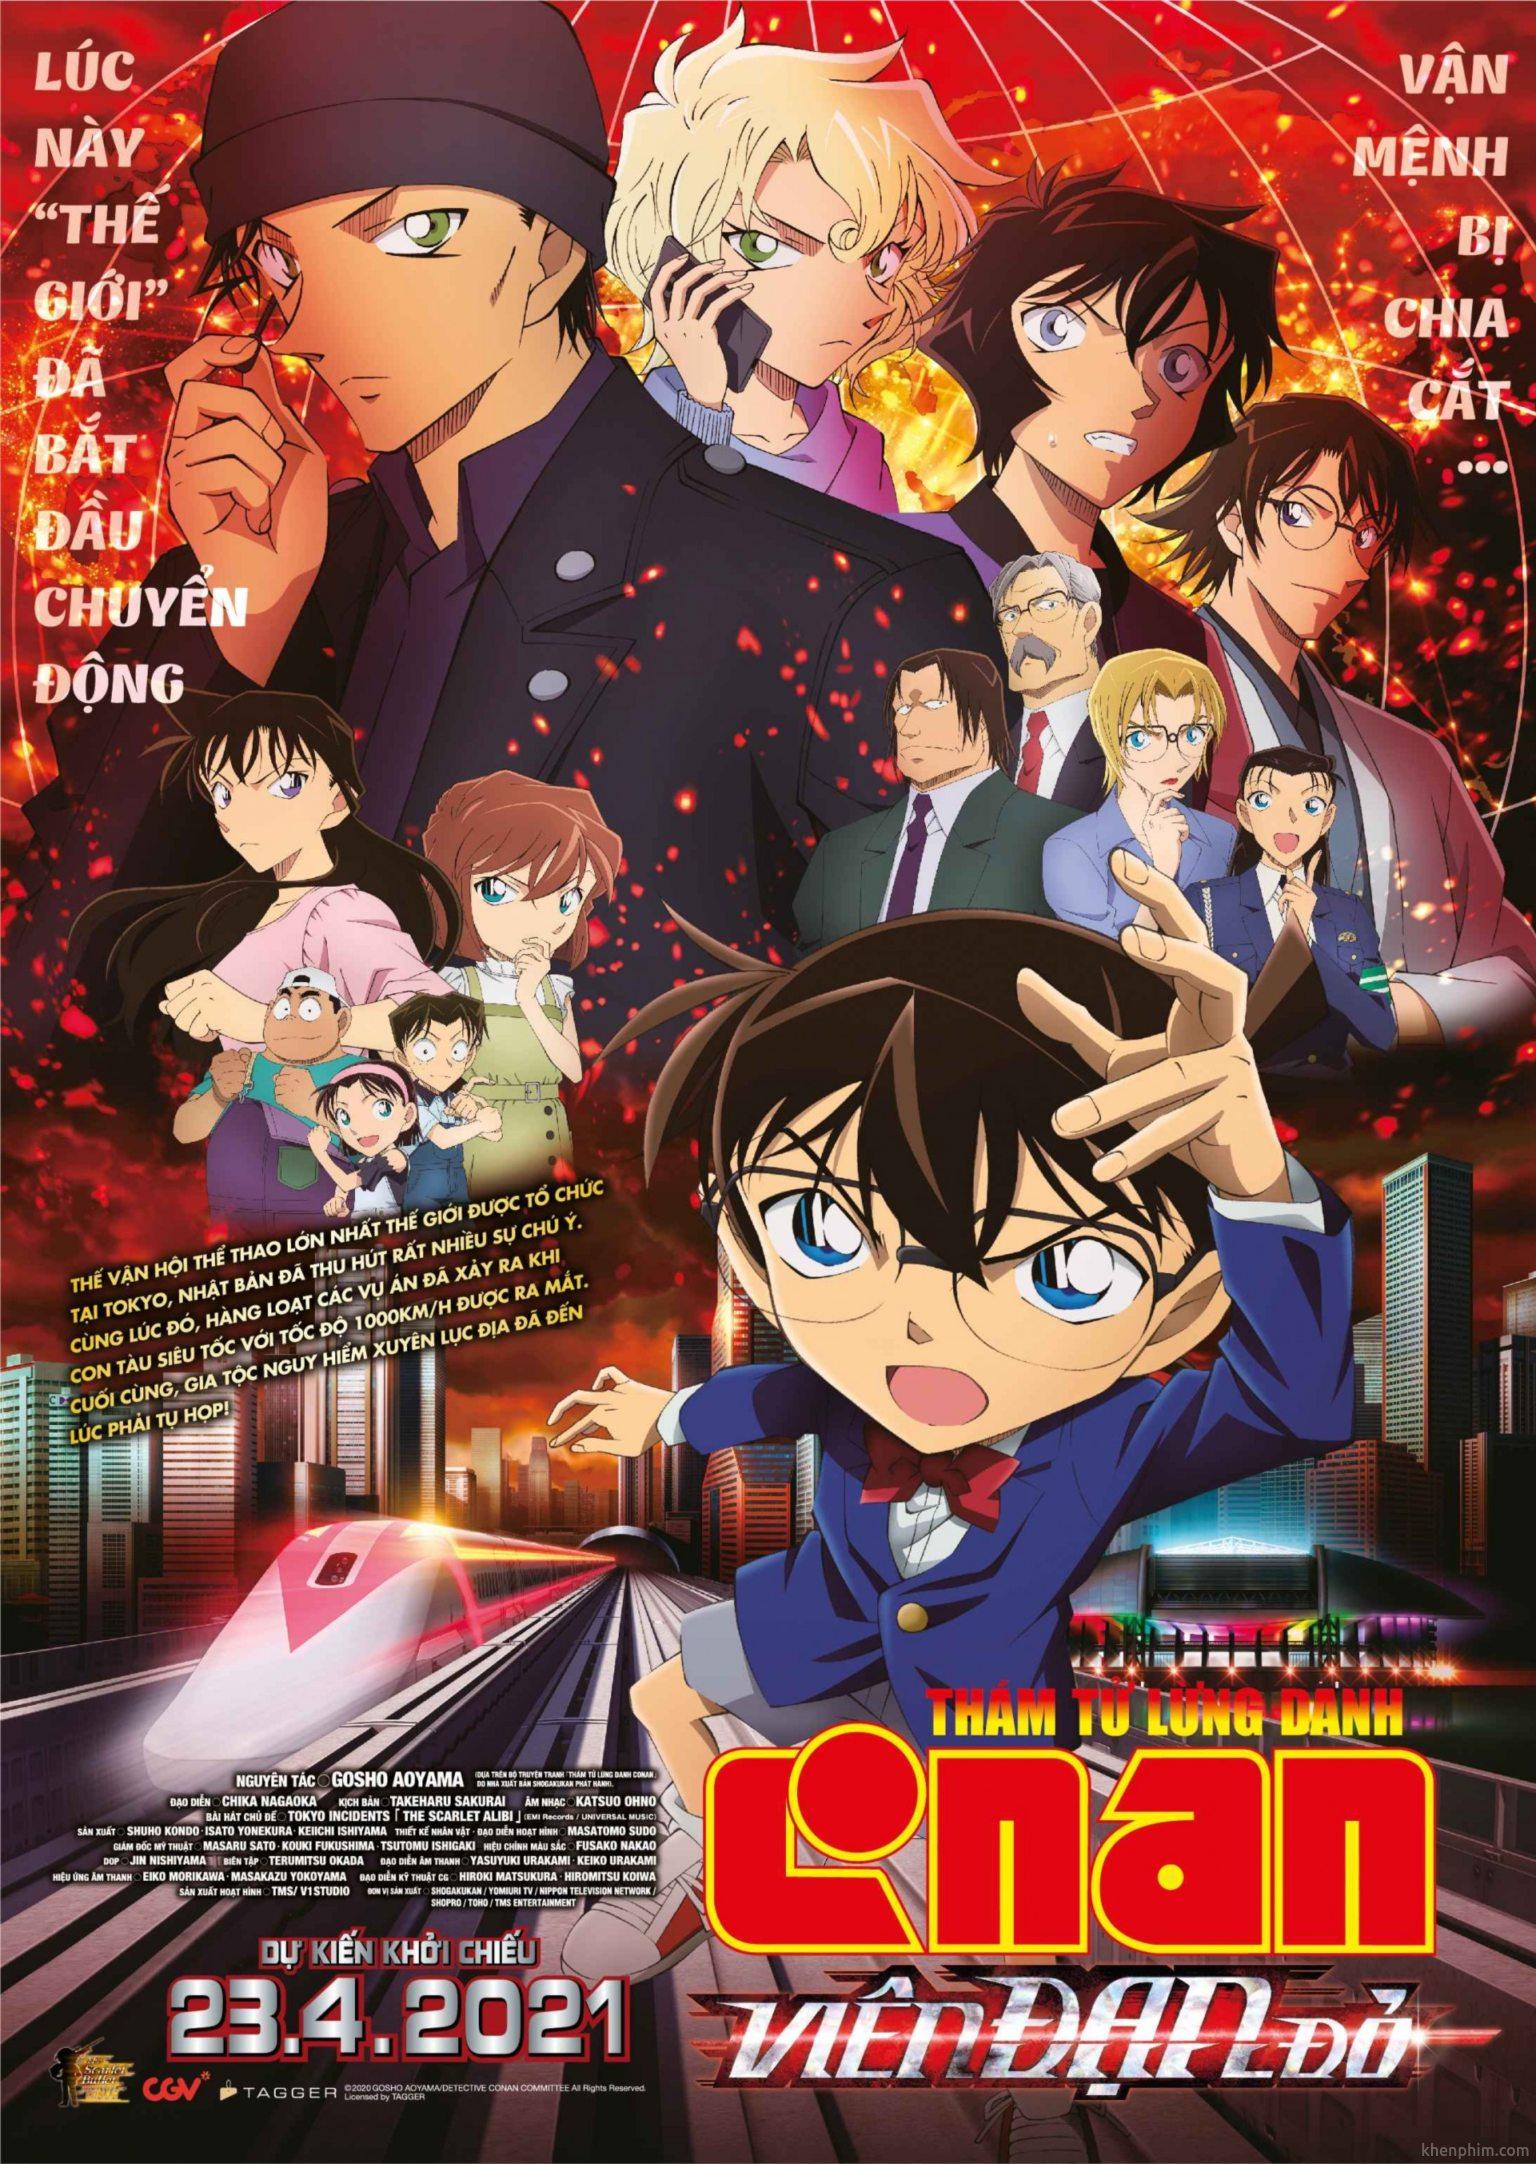 Poster phim Thám Tử Lừng Danh Conan: Viên Đạn Đỏ